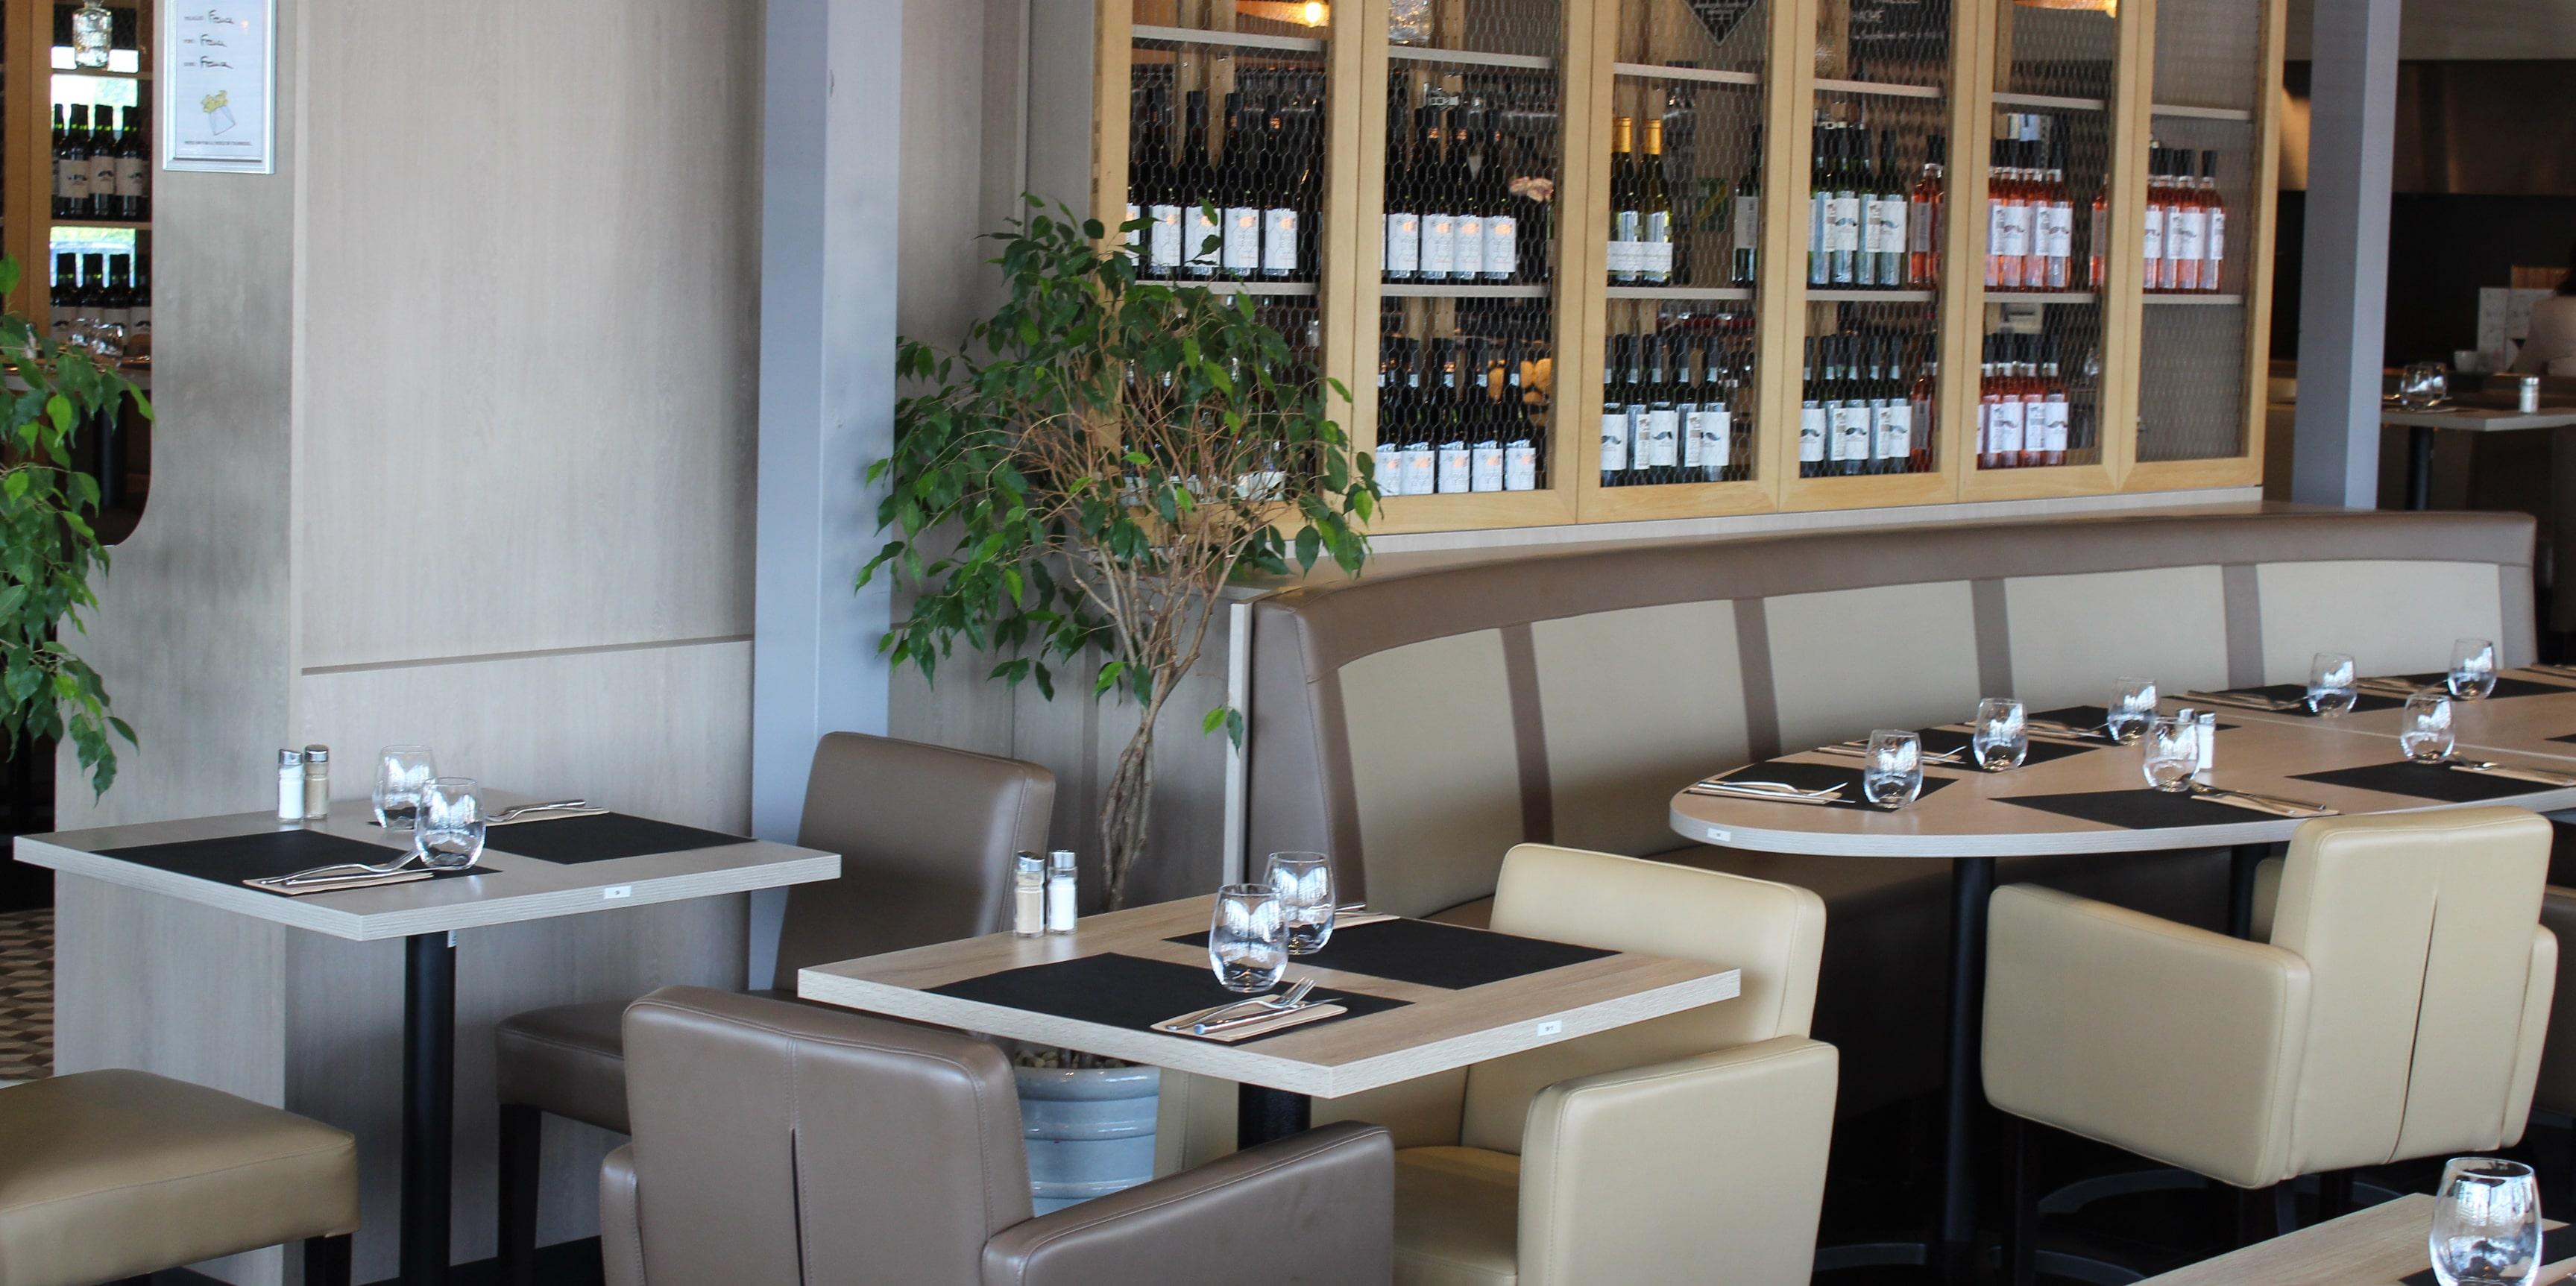 Restaurant Caen-Brasserie Laurent-accueil-slider3